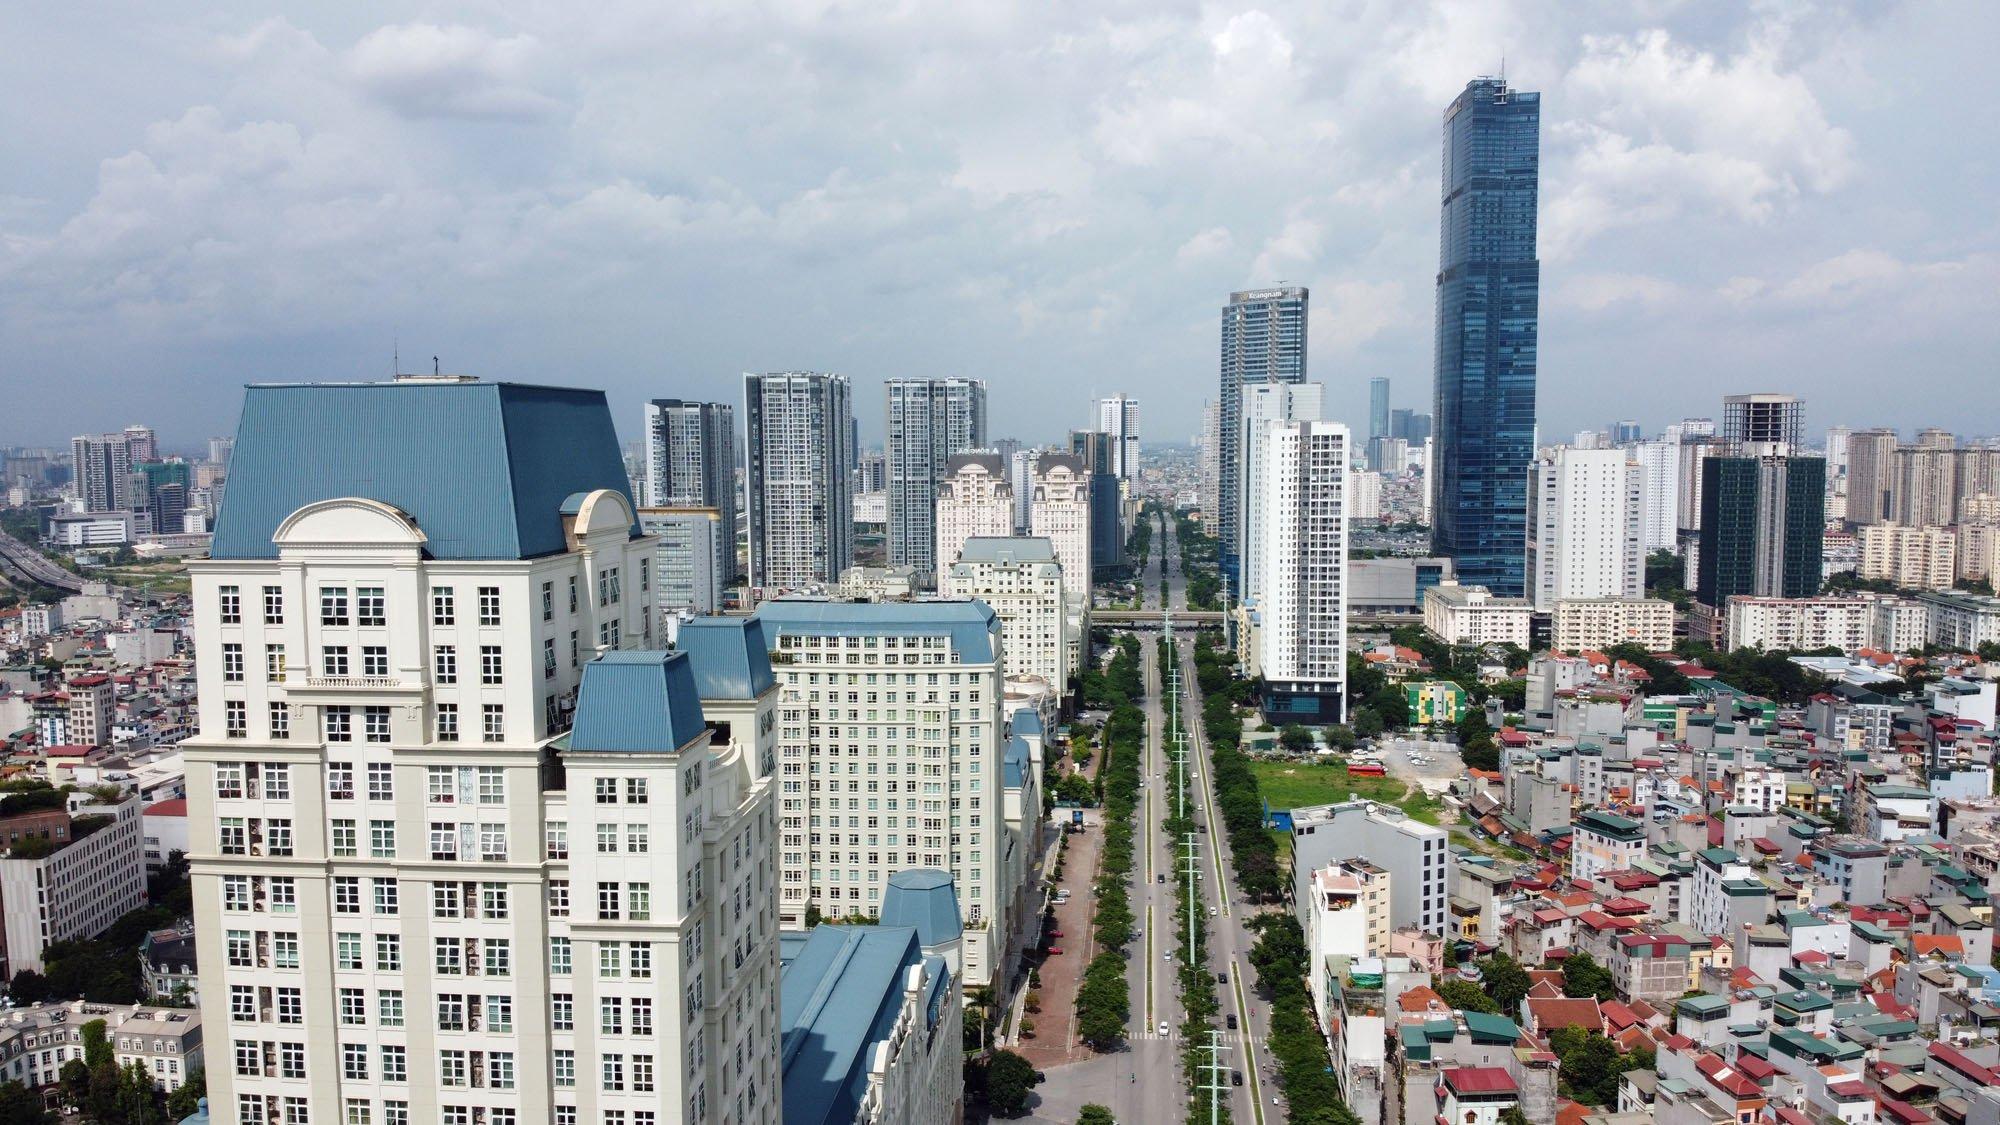 Sẽ có nhiều chính sách mới vực dậy thị trường bất động sản - Ảnh 2.